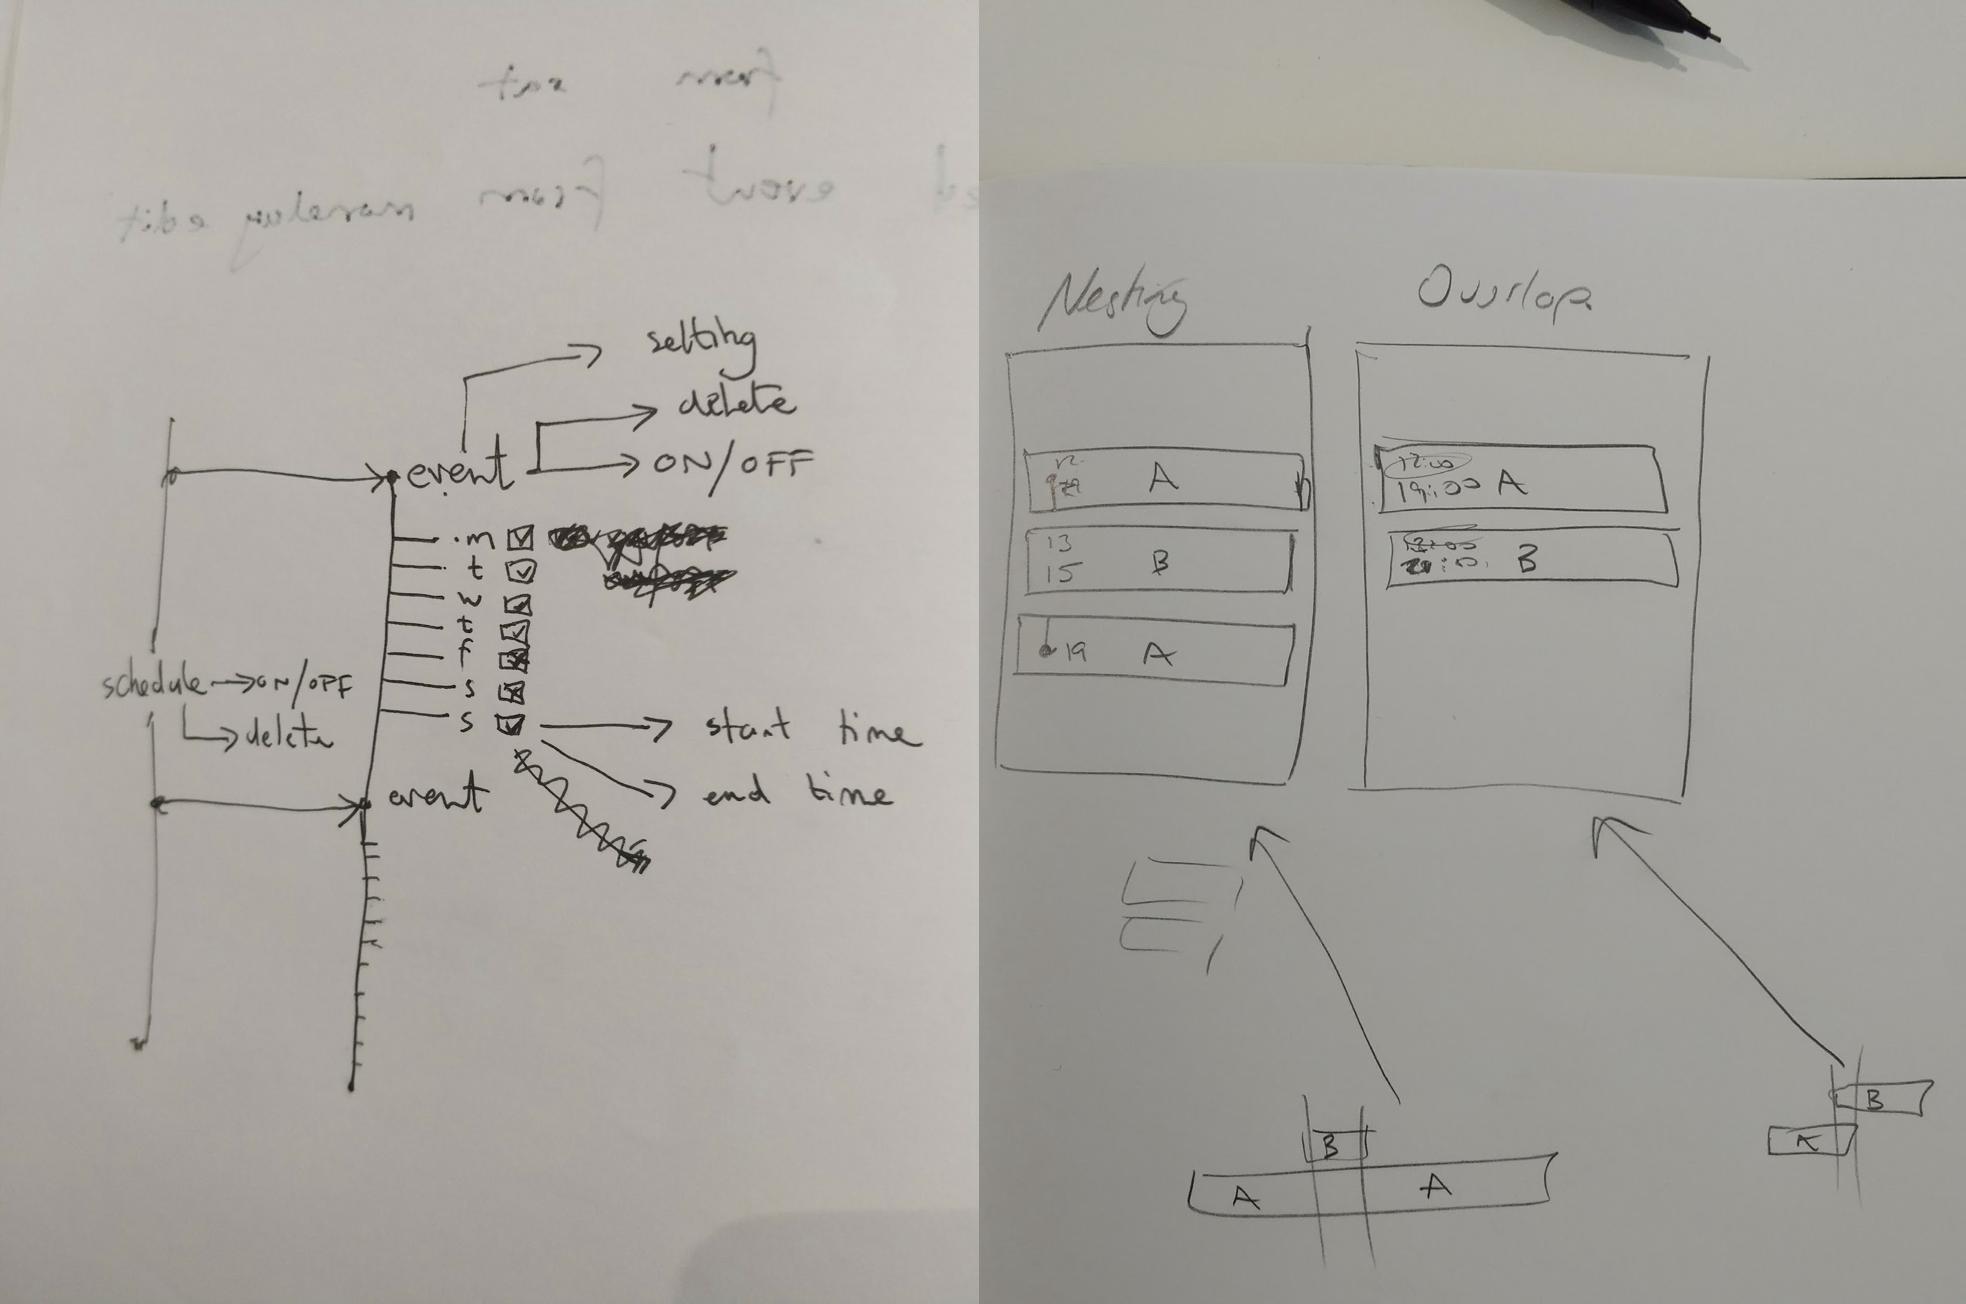 Dyson shcedule sketching 2